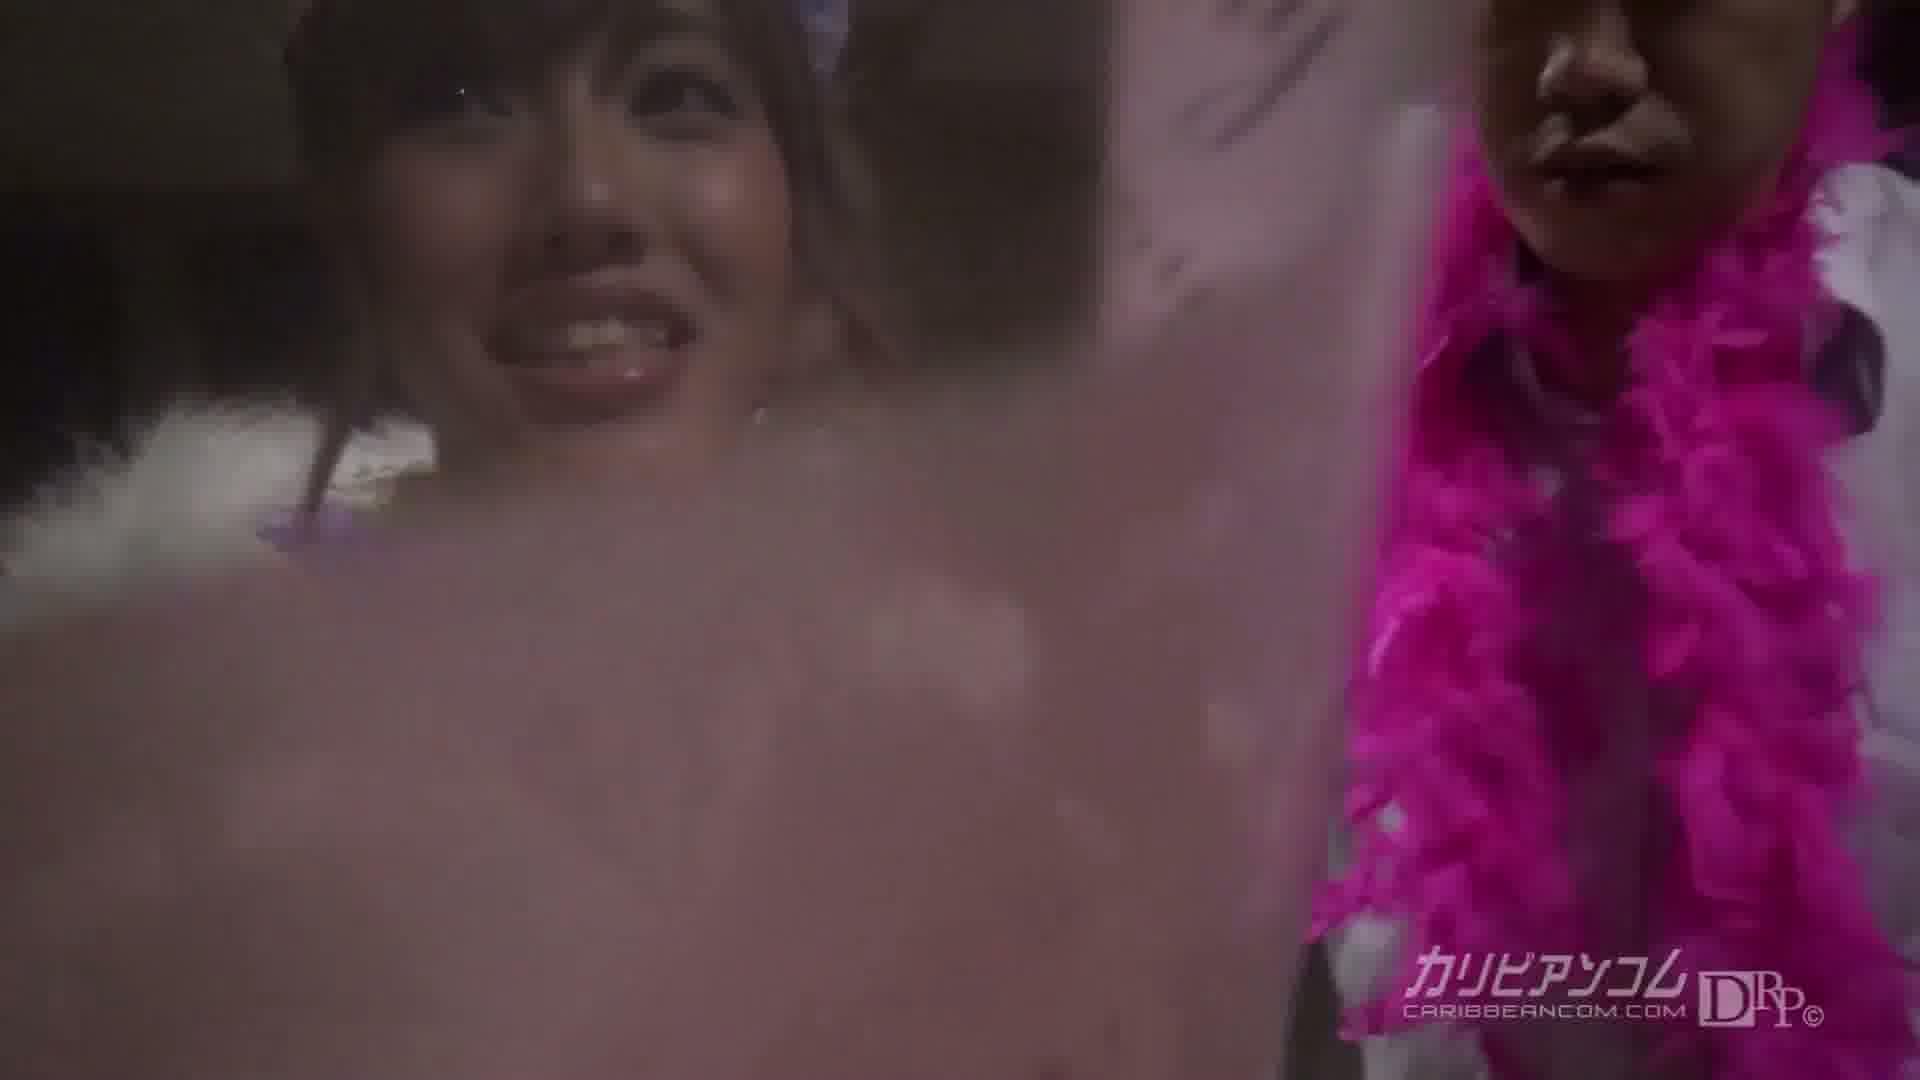 新成人おめでとうパーリー ~筆おろし4Pでお祝いいたします!~ - 今野杏美南【ギャル・パイパン・浴衣】